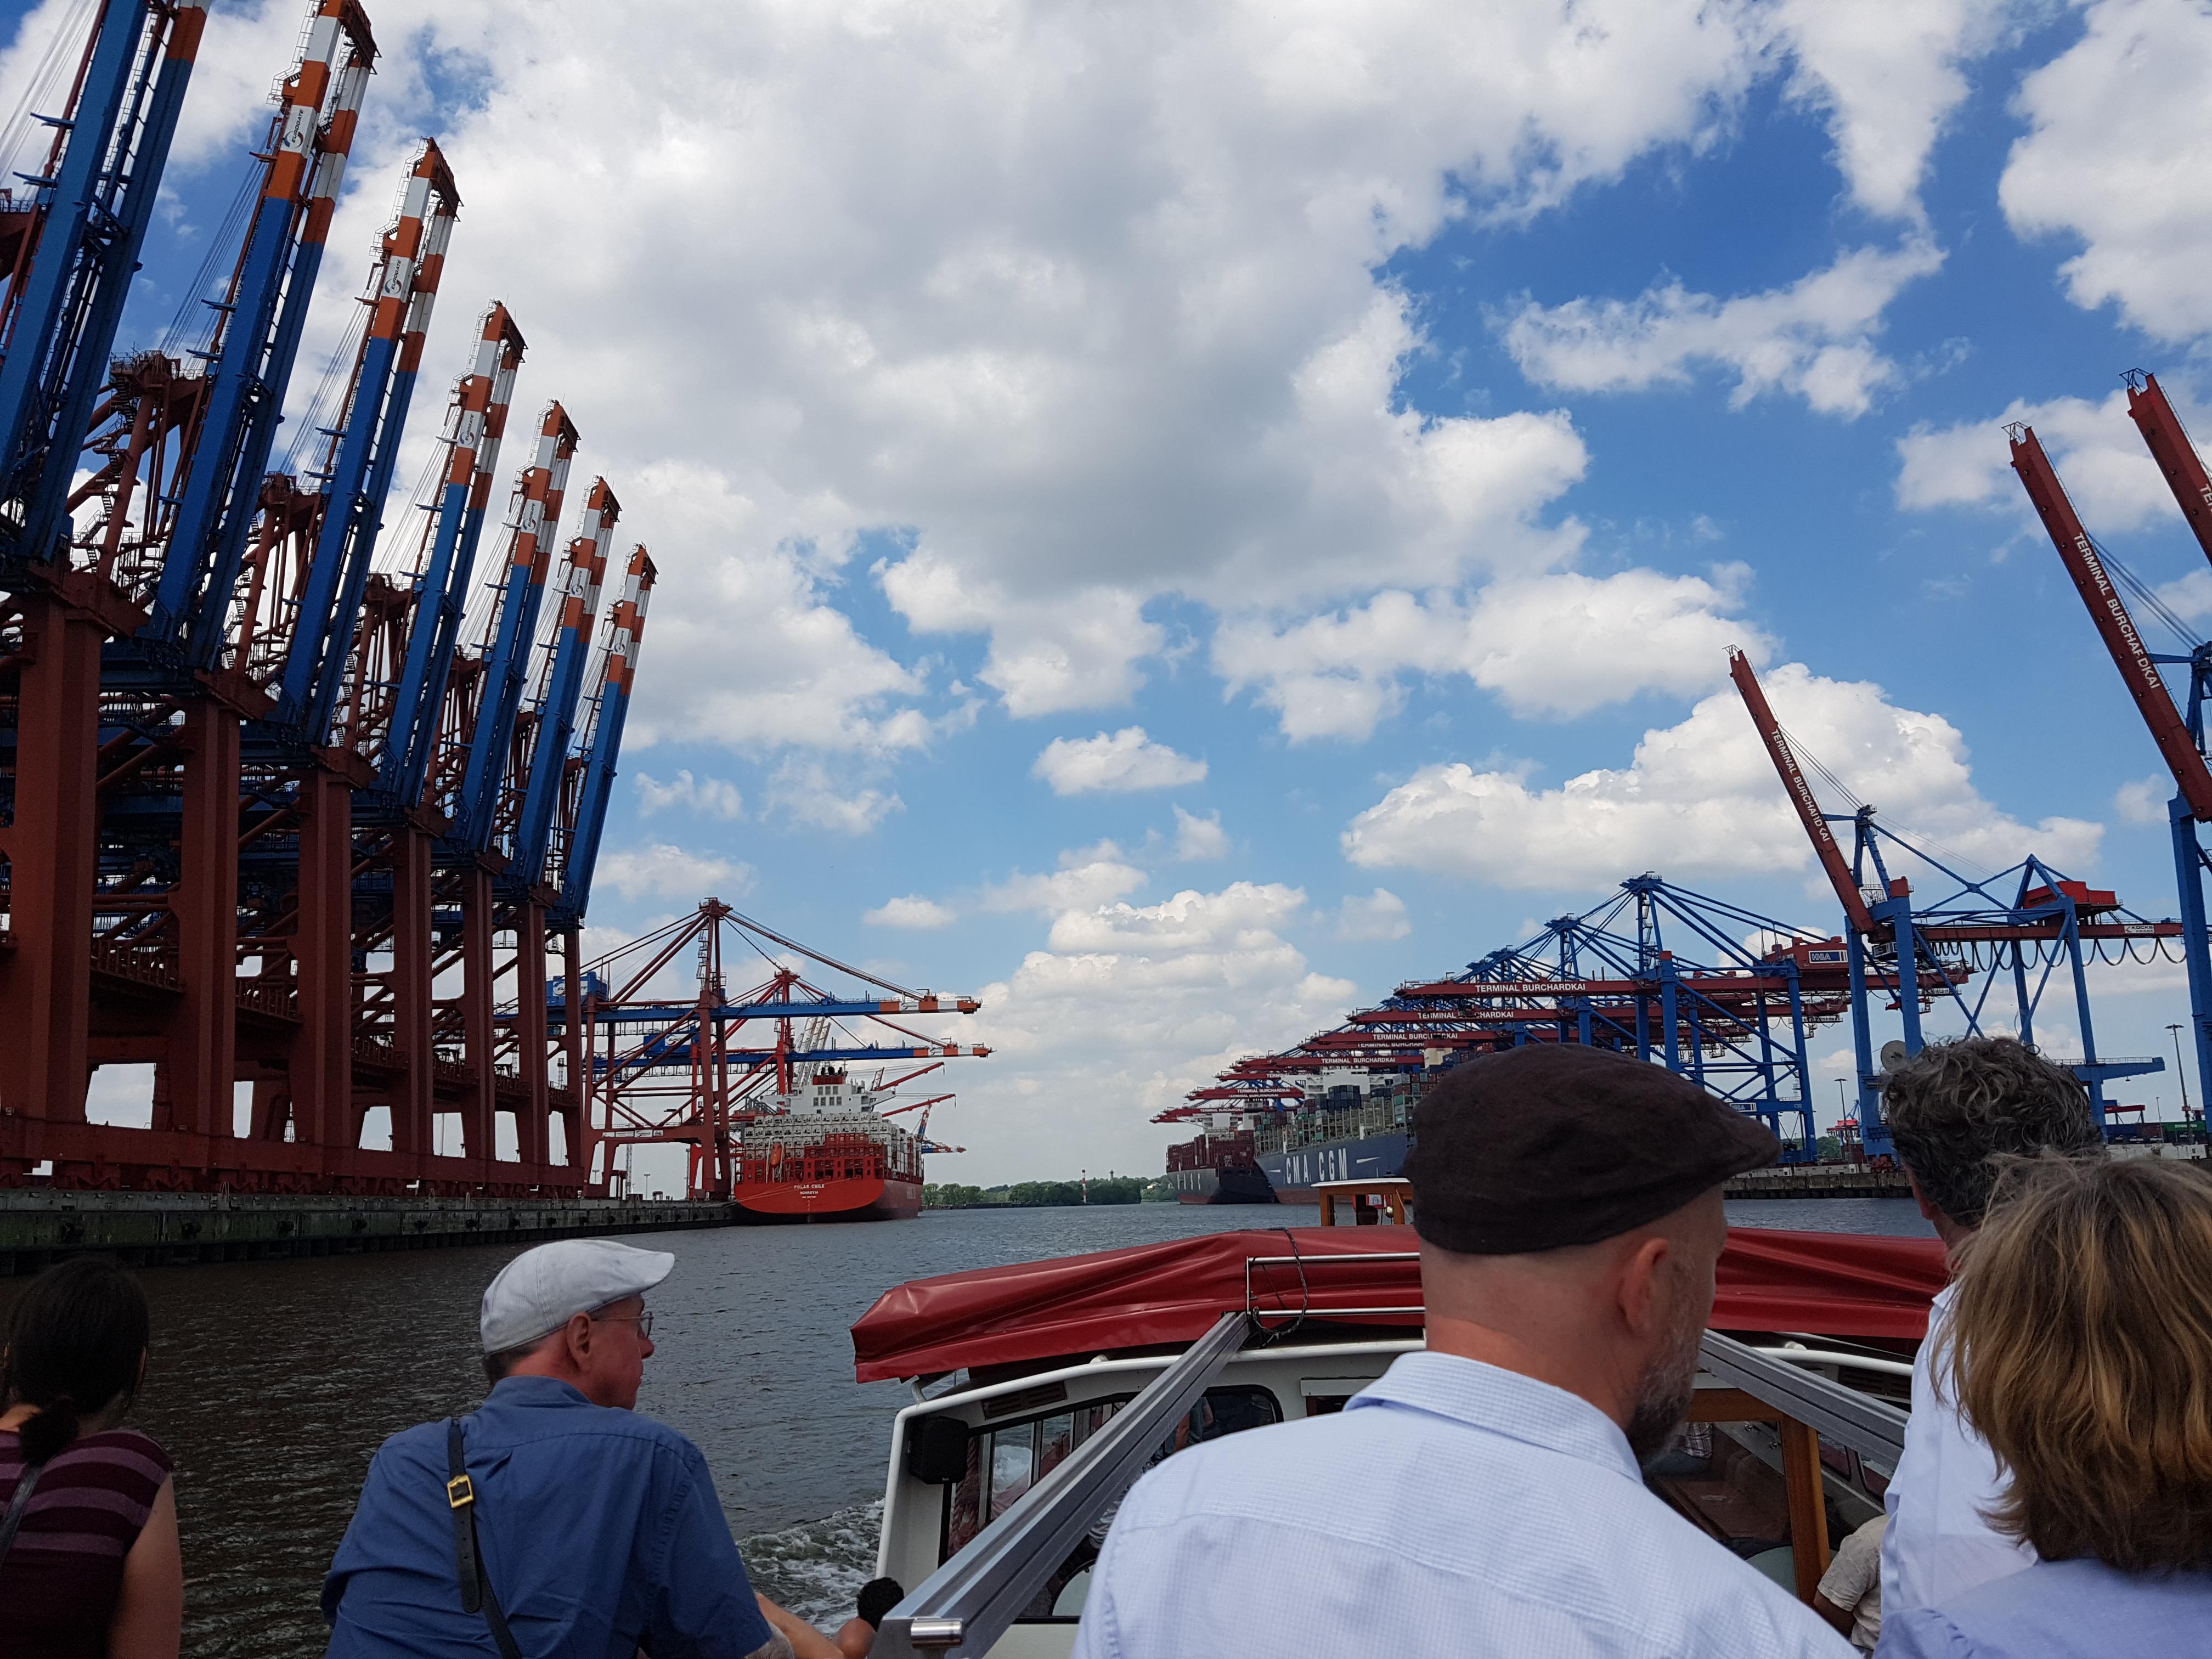 Fahrt durch den Hamburger Hafen, Burchardkai (Foto: Beatrix Alscher)